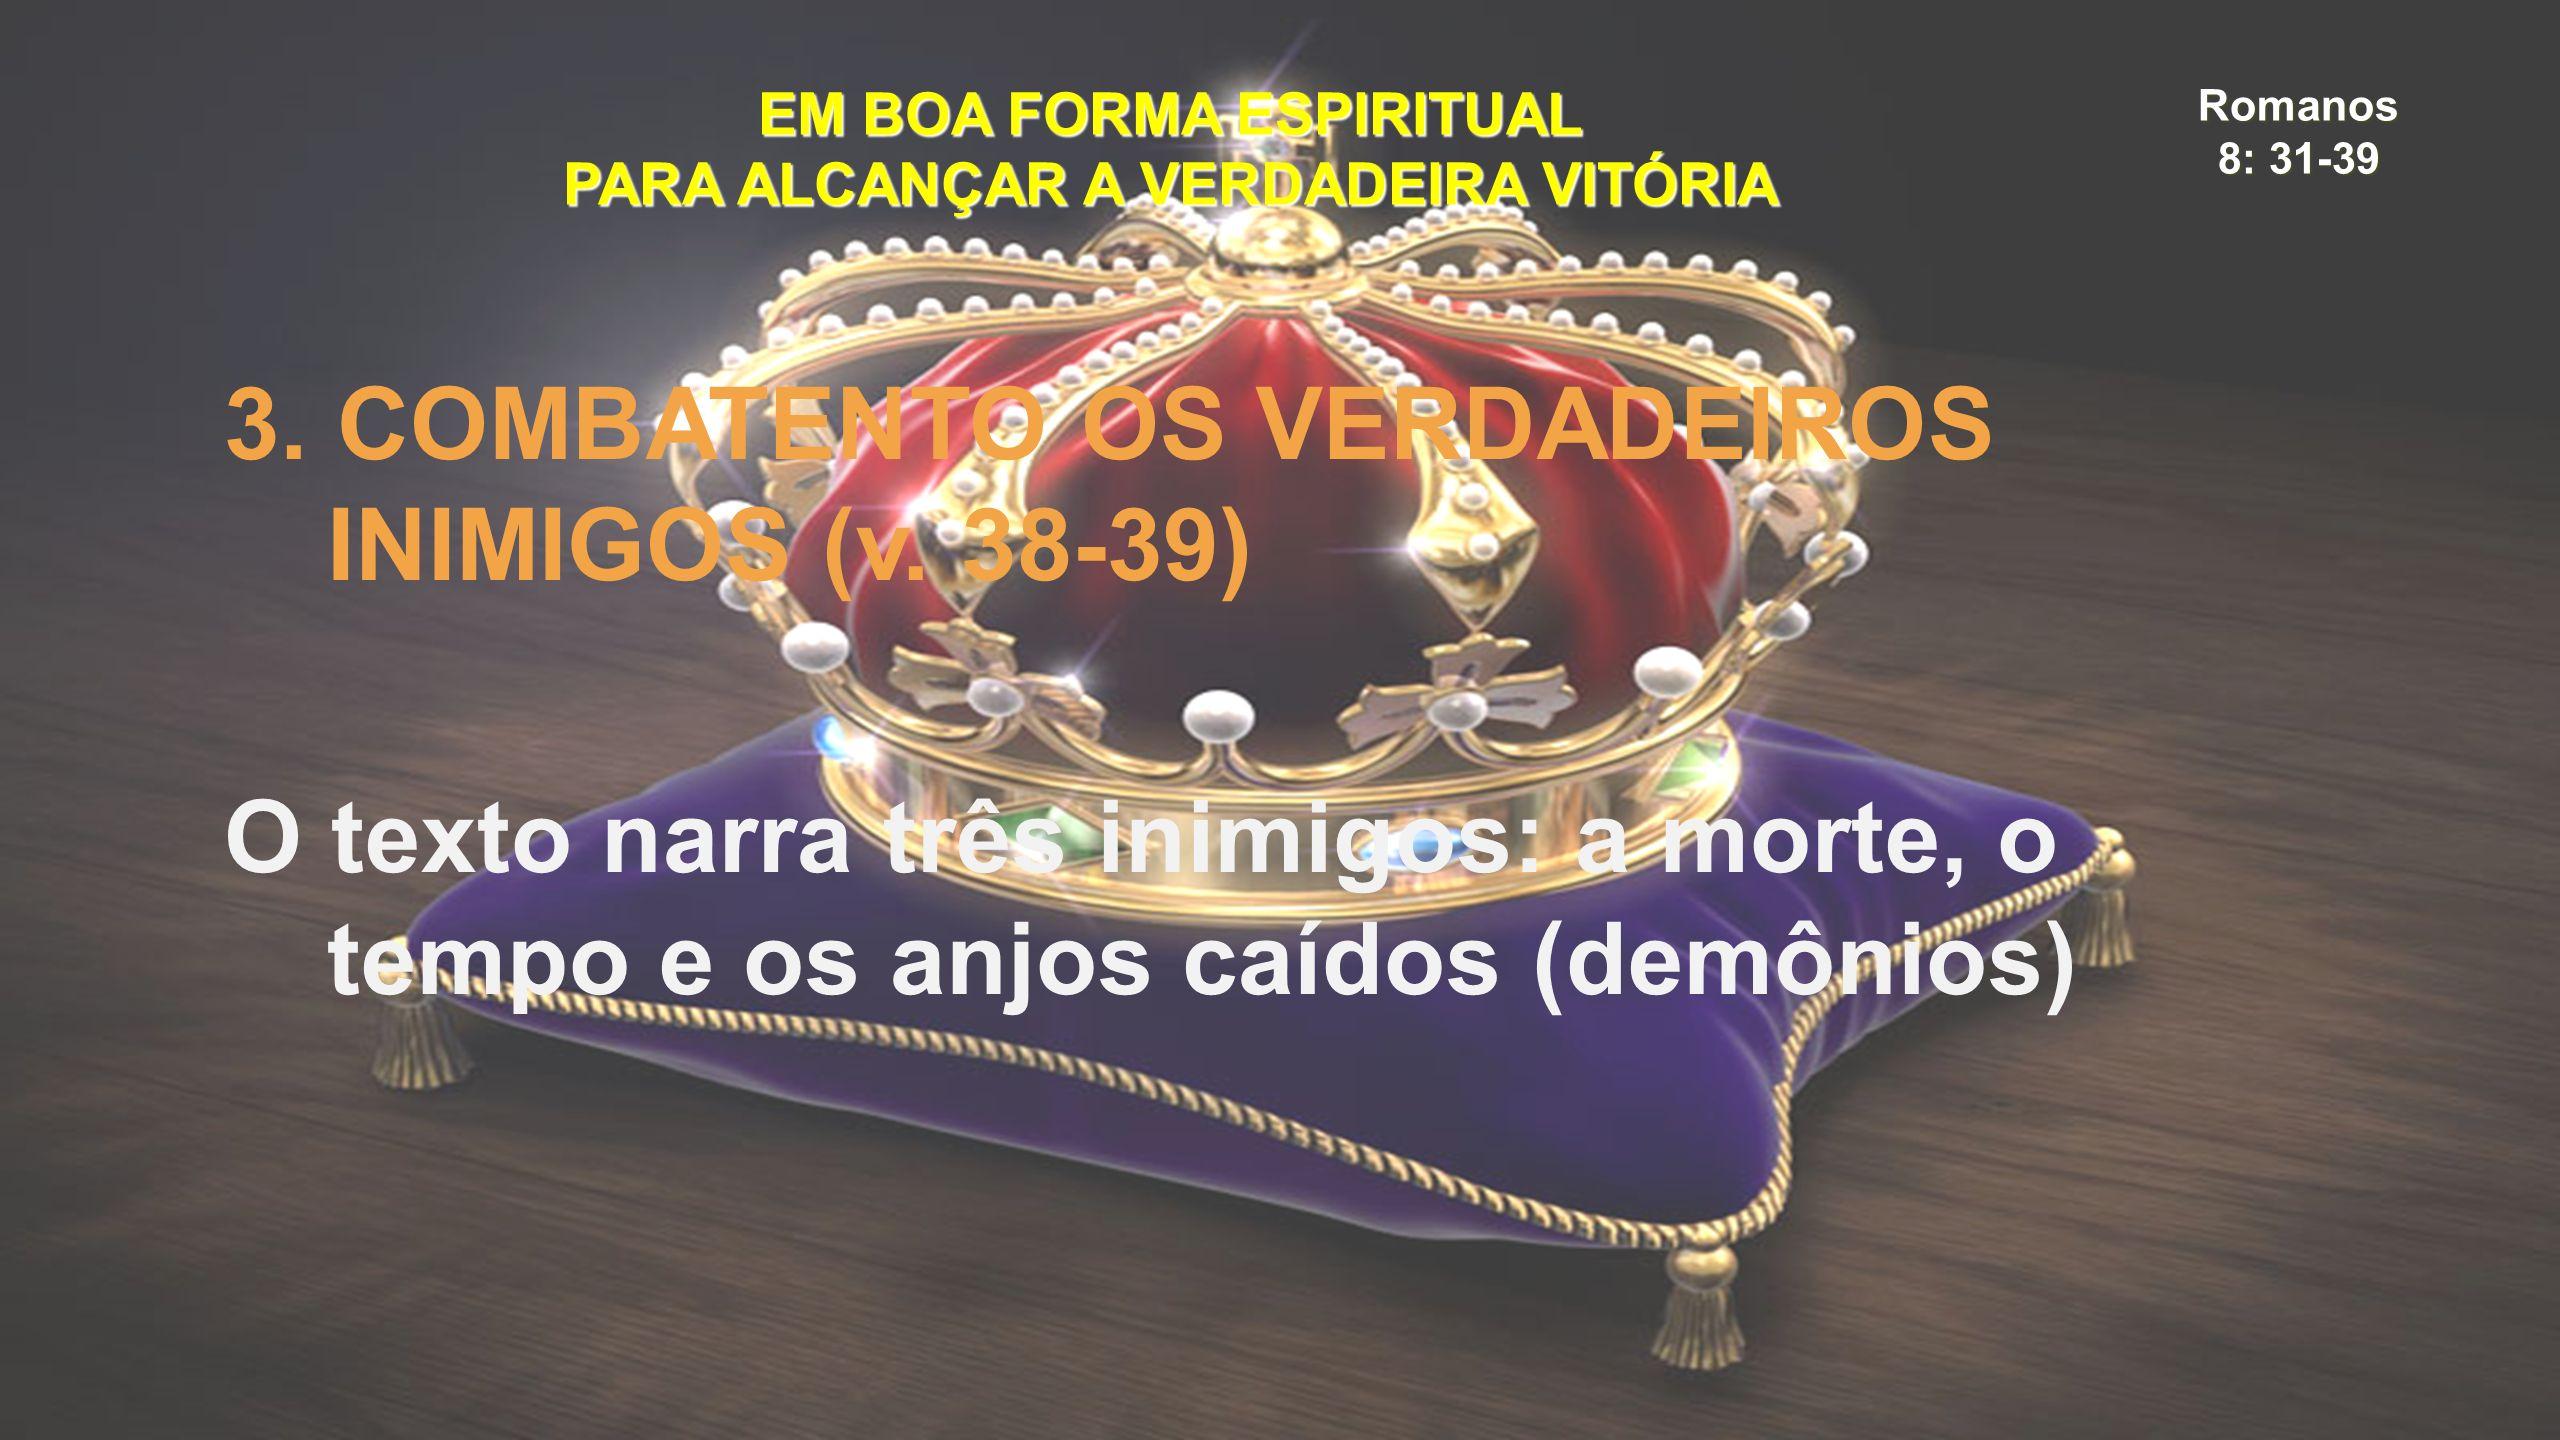 Romanos 8: 31-39 EM BOA FORMA ESPIRITUAL PARA ALCANÇAR A VERDADEIRA VITÓRIA 3. COMBATENTO OS VERDADEIROS INIMIGOS (v. 38-39) O texto narra três inimig